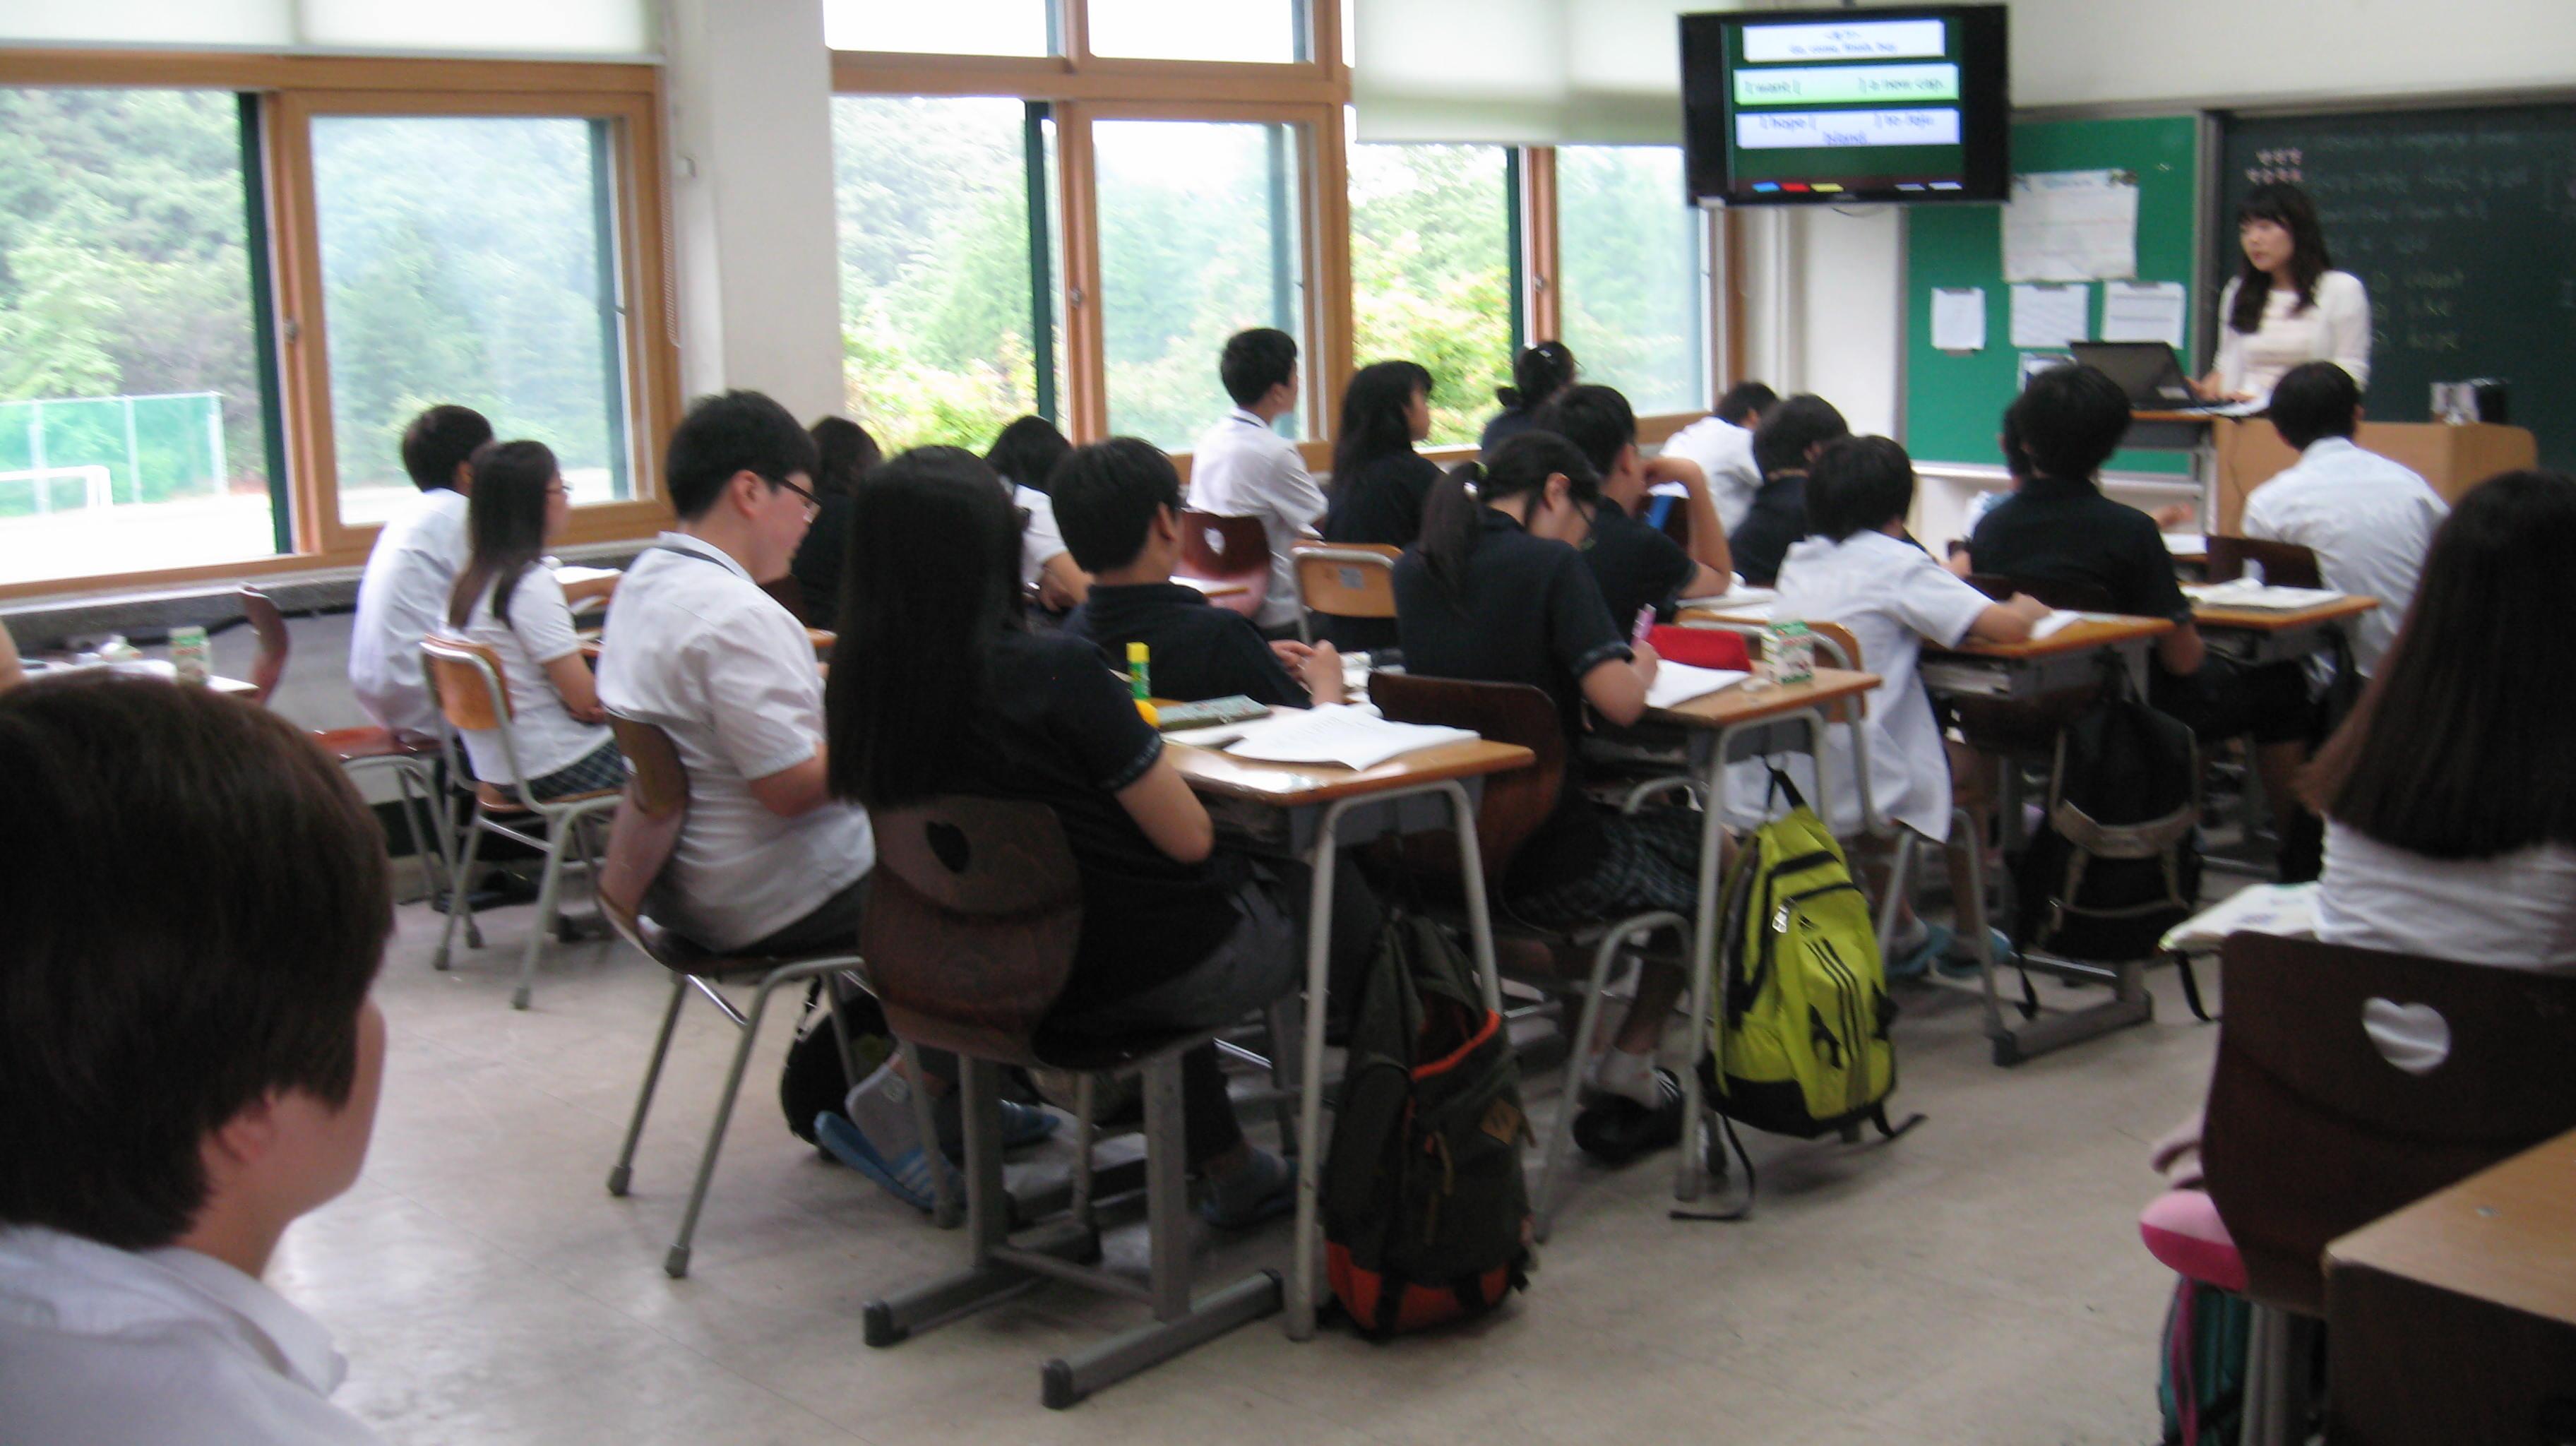 [일반] 학부모 공개 수업의 날의 첨부이미지 8